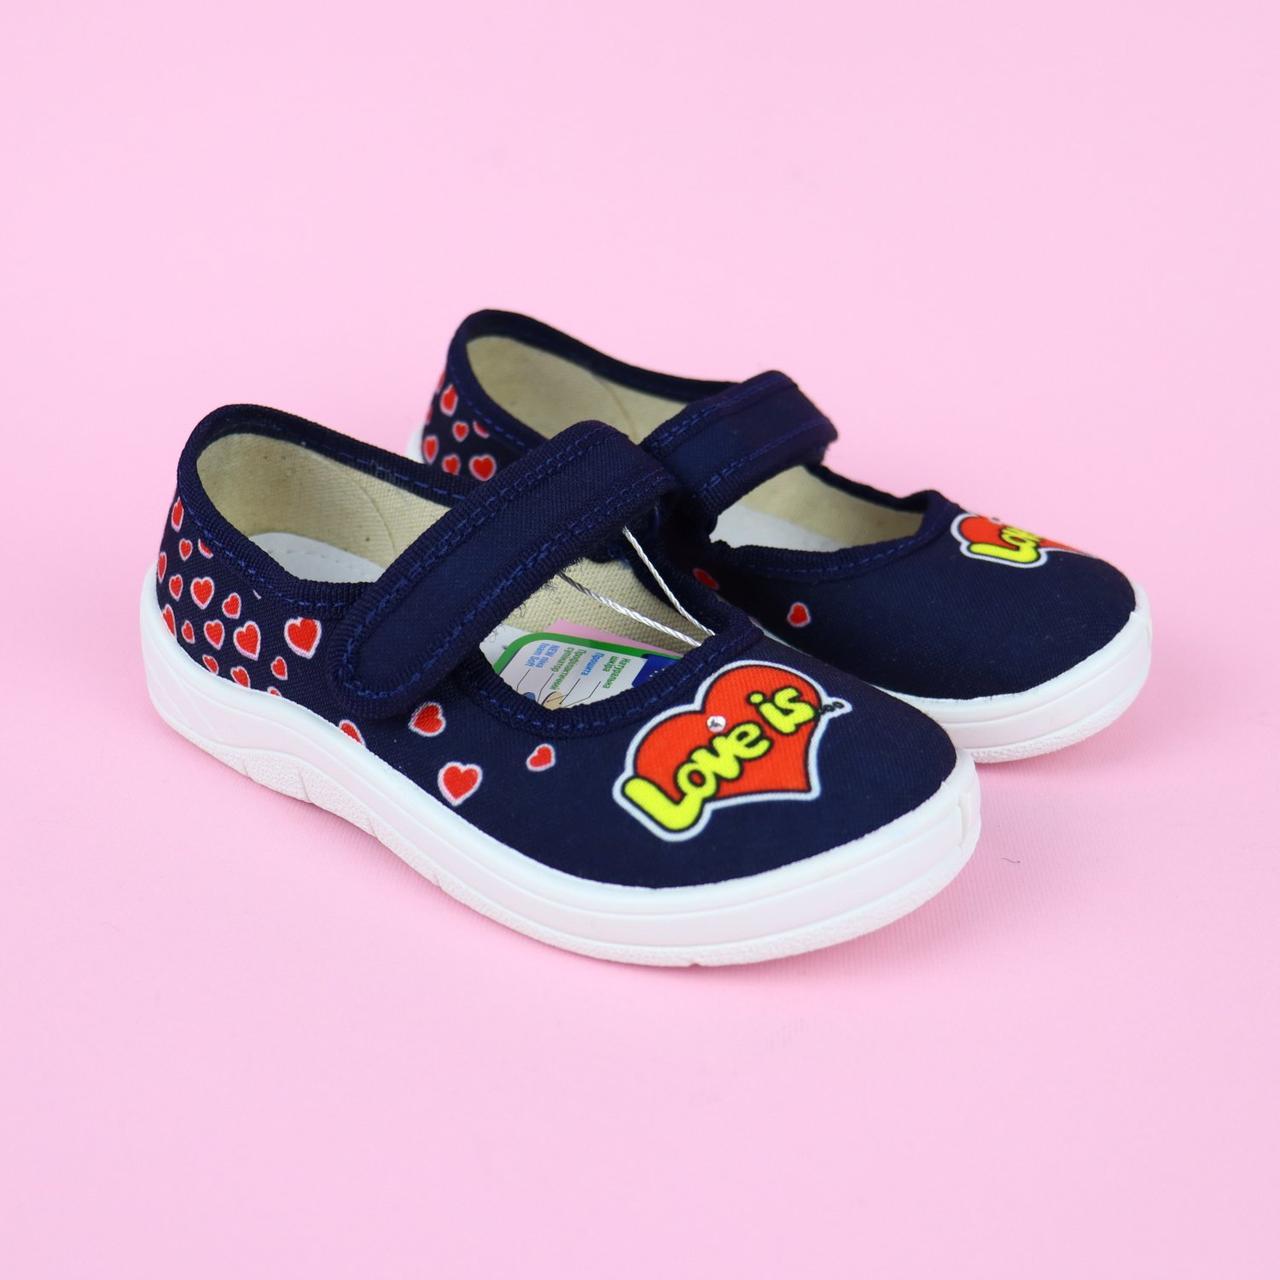 Текстильні туфлі Love is для дівчинки сині тм Waldi розмір 24,25,26,27,29,30